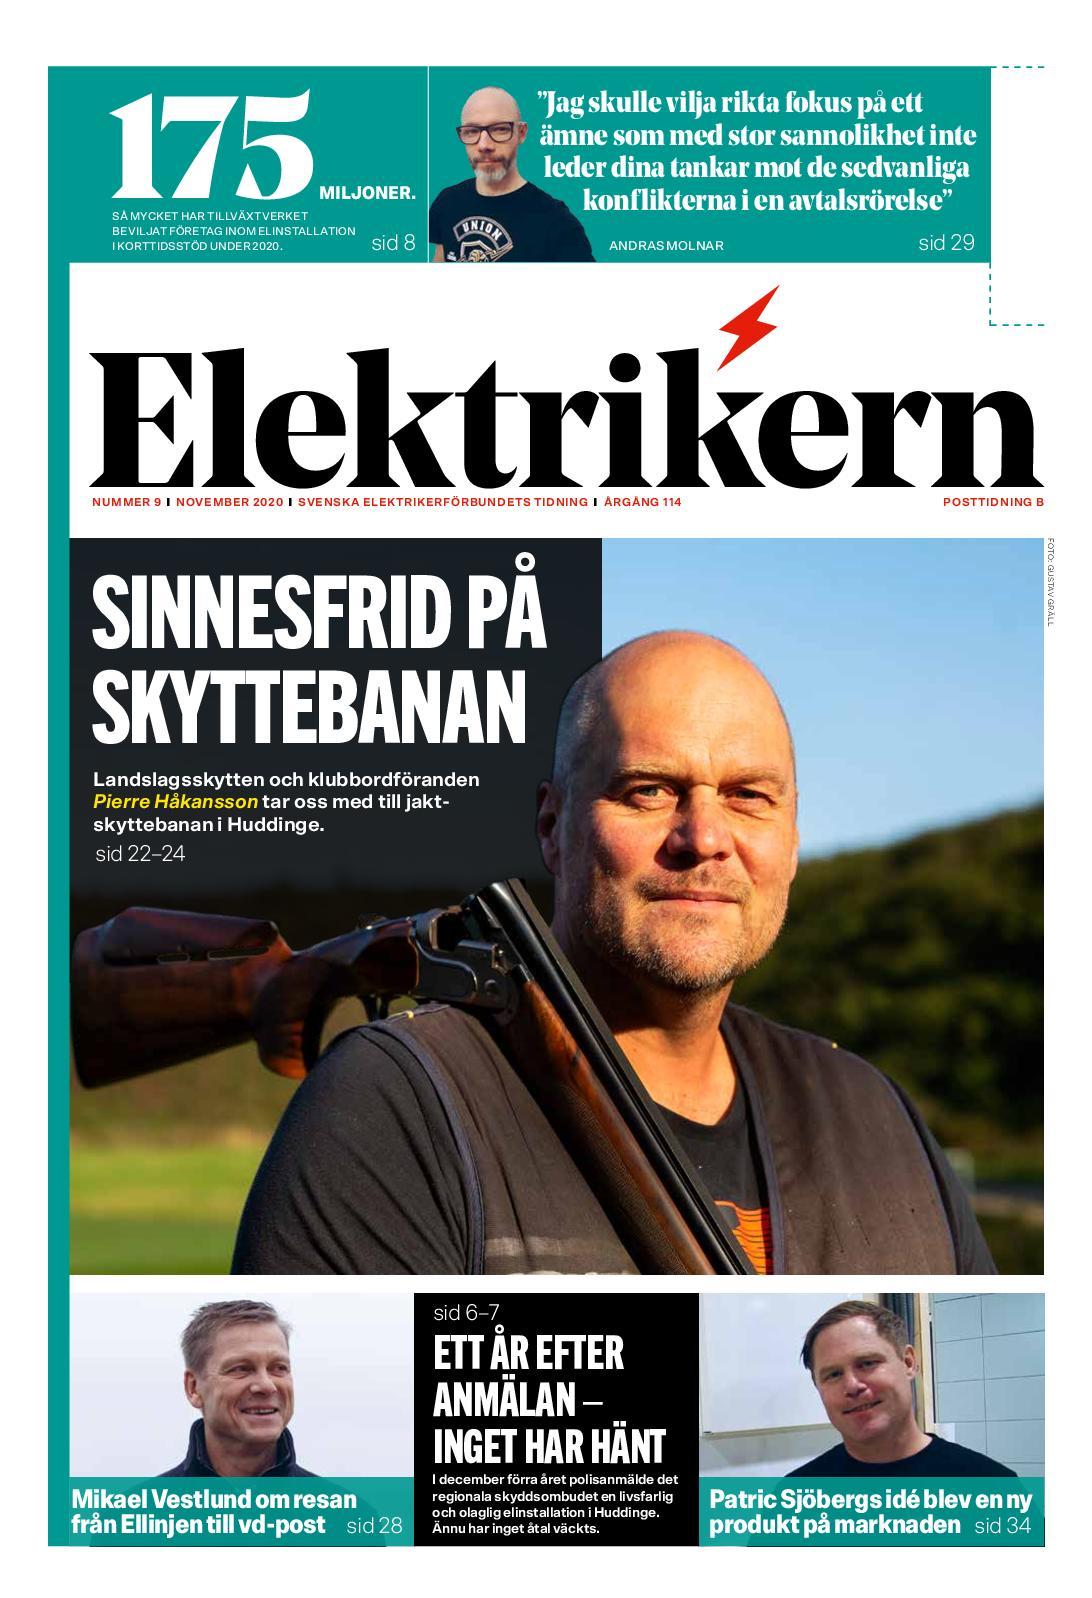 Norsk dame i farsund ønsker å knulle gift mann